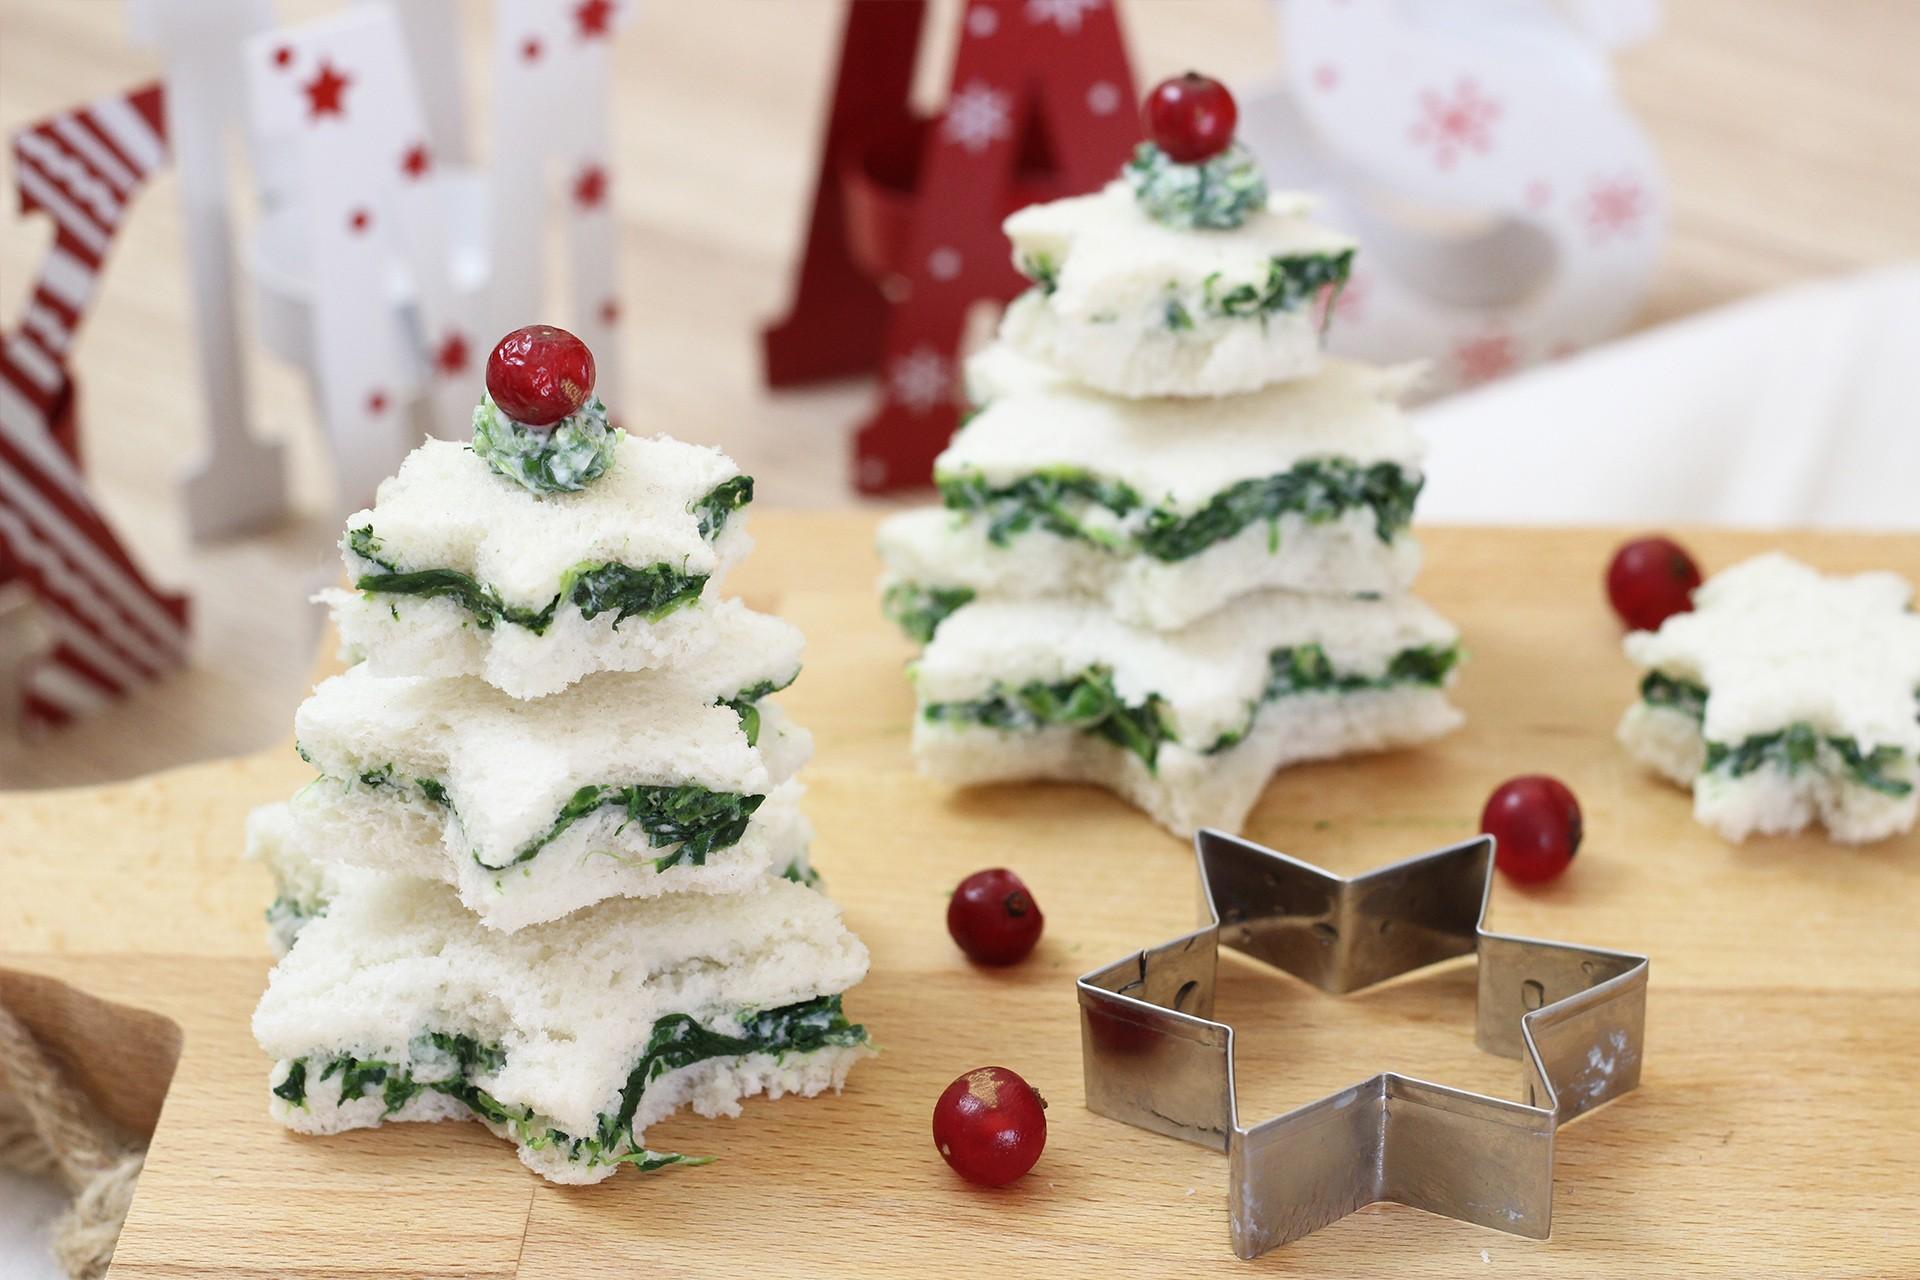 Antipasti Di Natale Da Chef.Tartine Natalizie Per Antipasti Veloci E Semplici Agrodolce